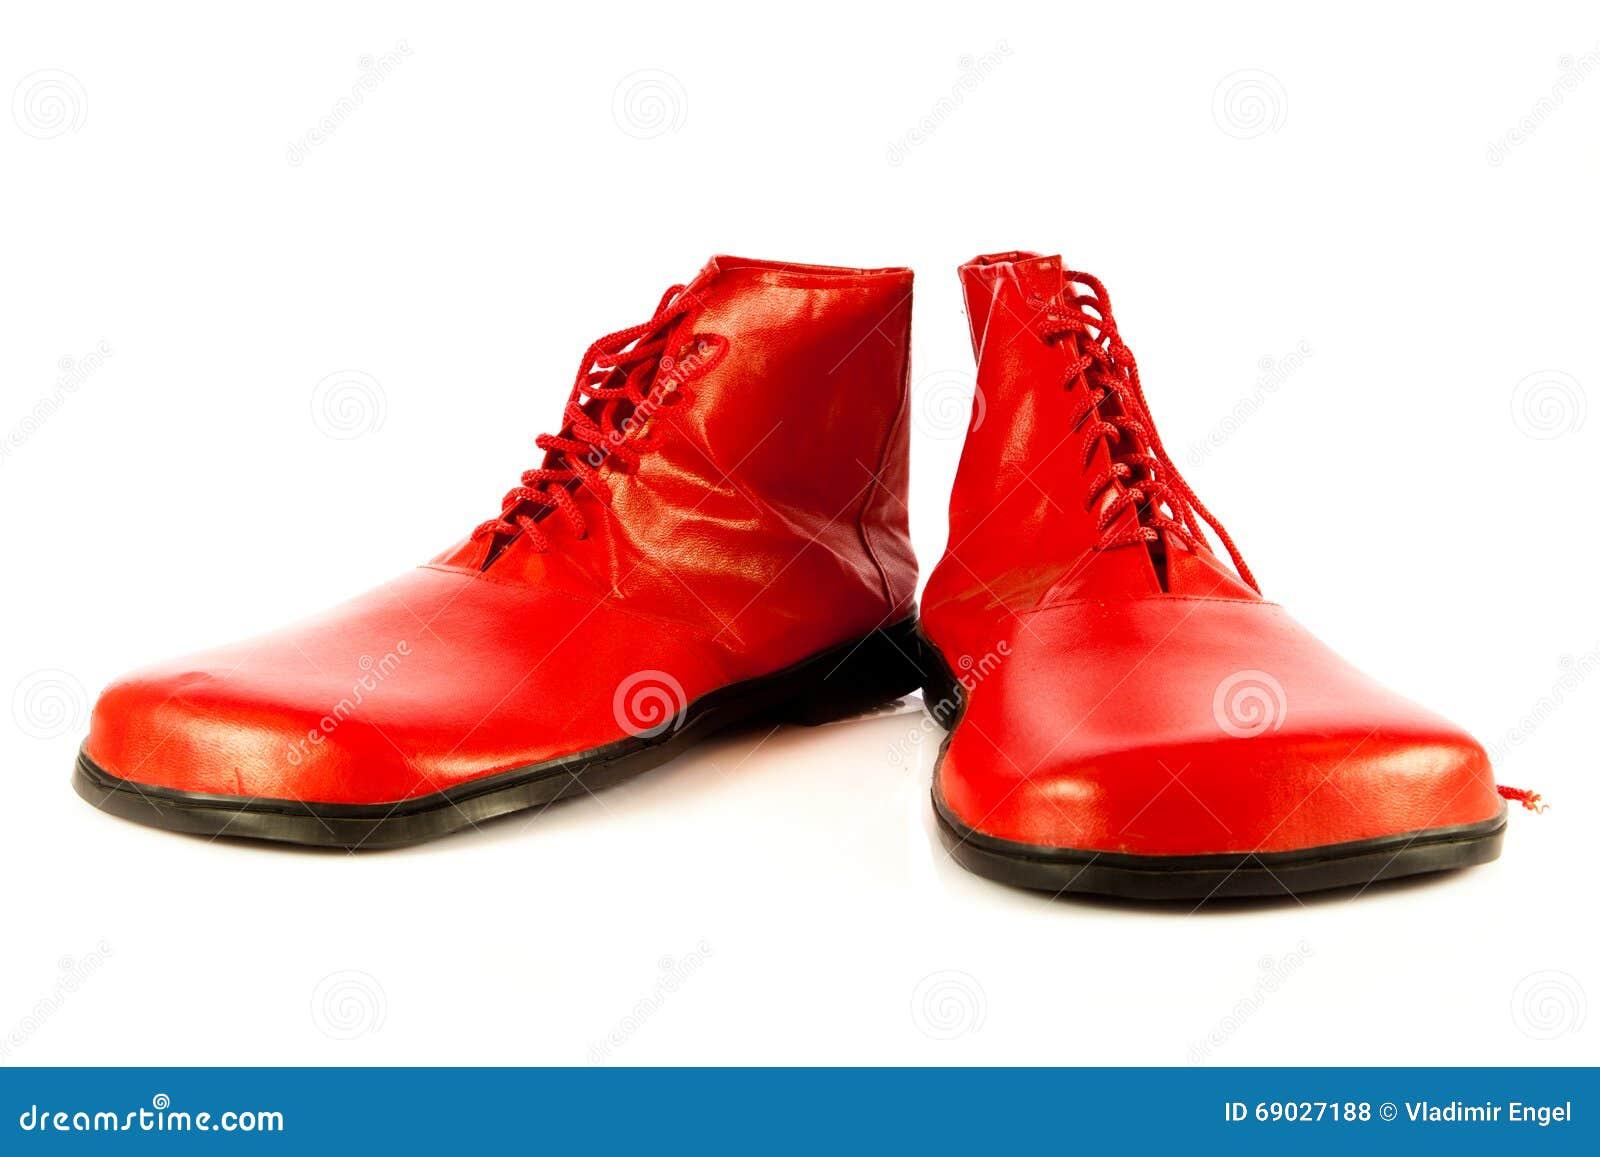 Lustige Schuhe Lokalisiert Auf Weissem Hintergrund Stockfoto Bild